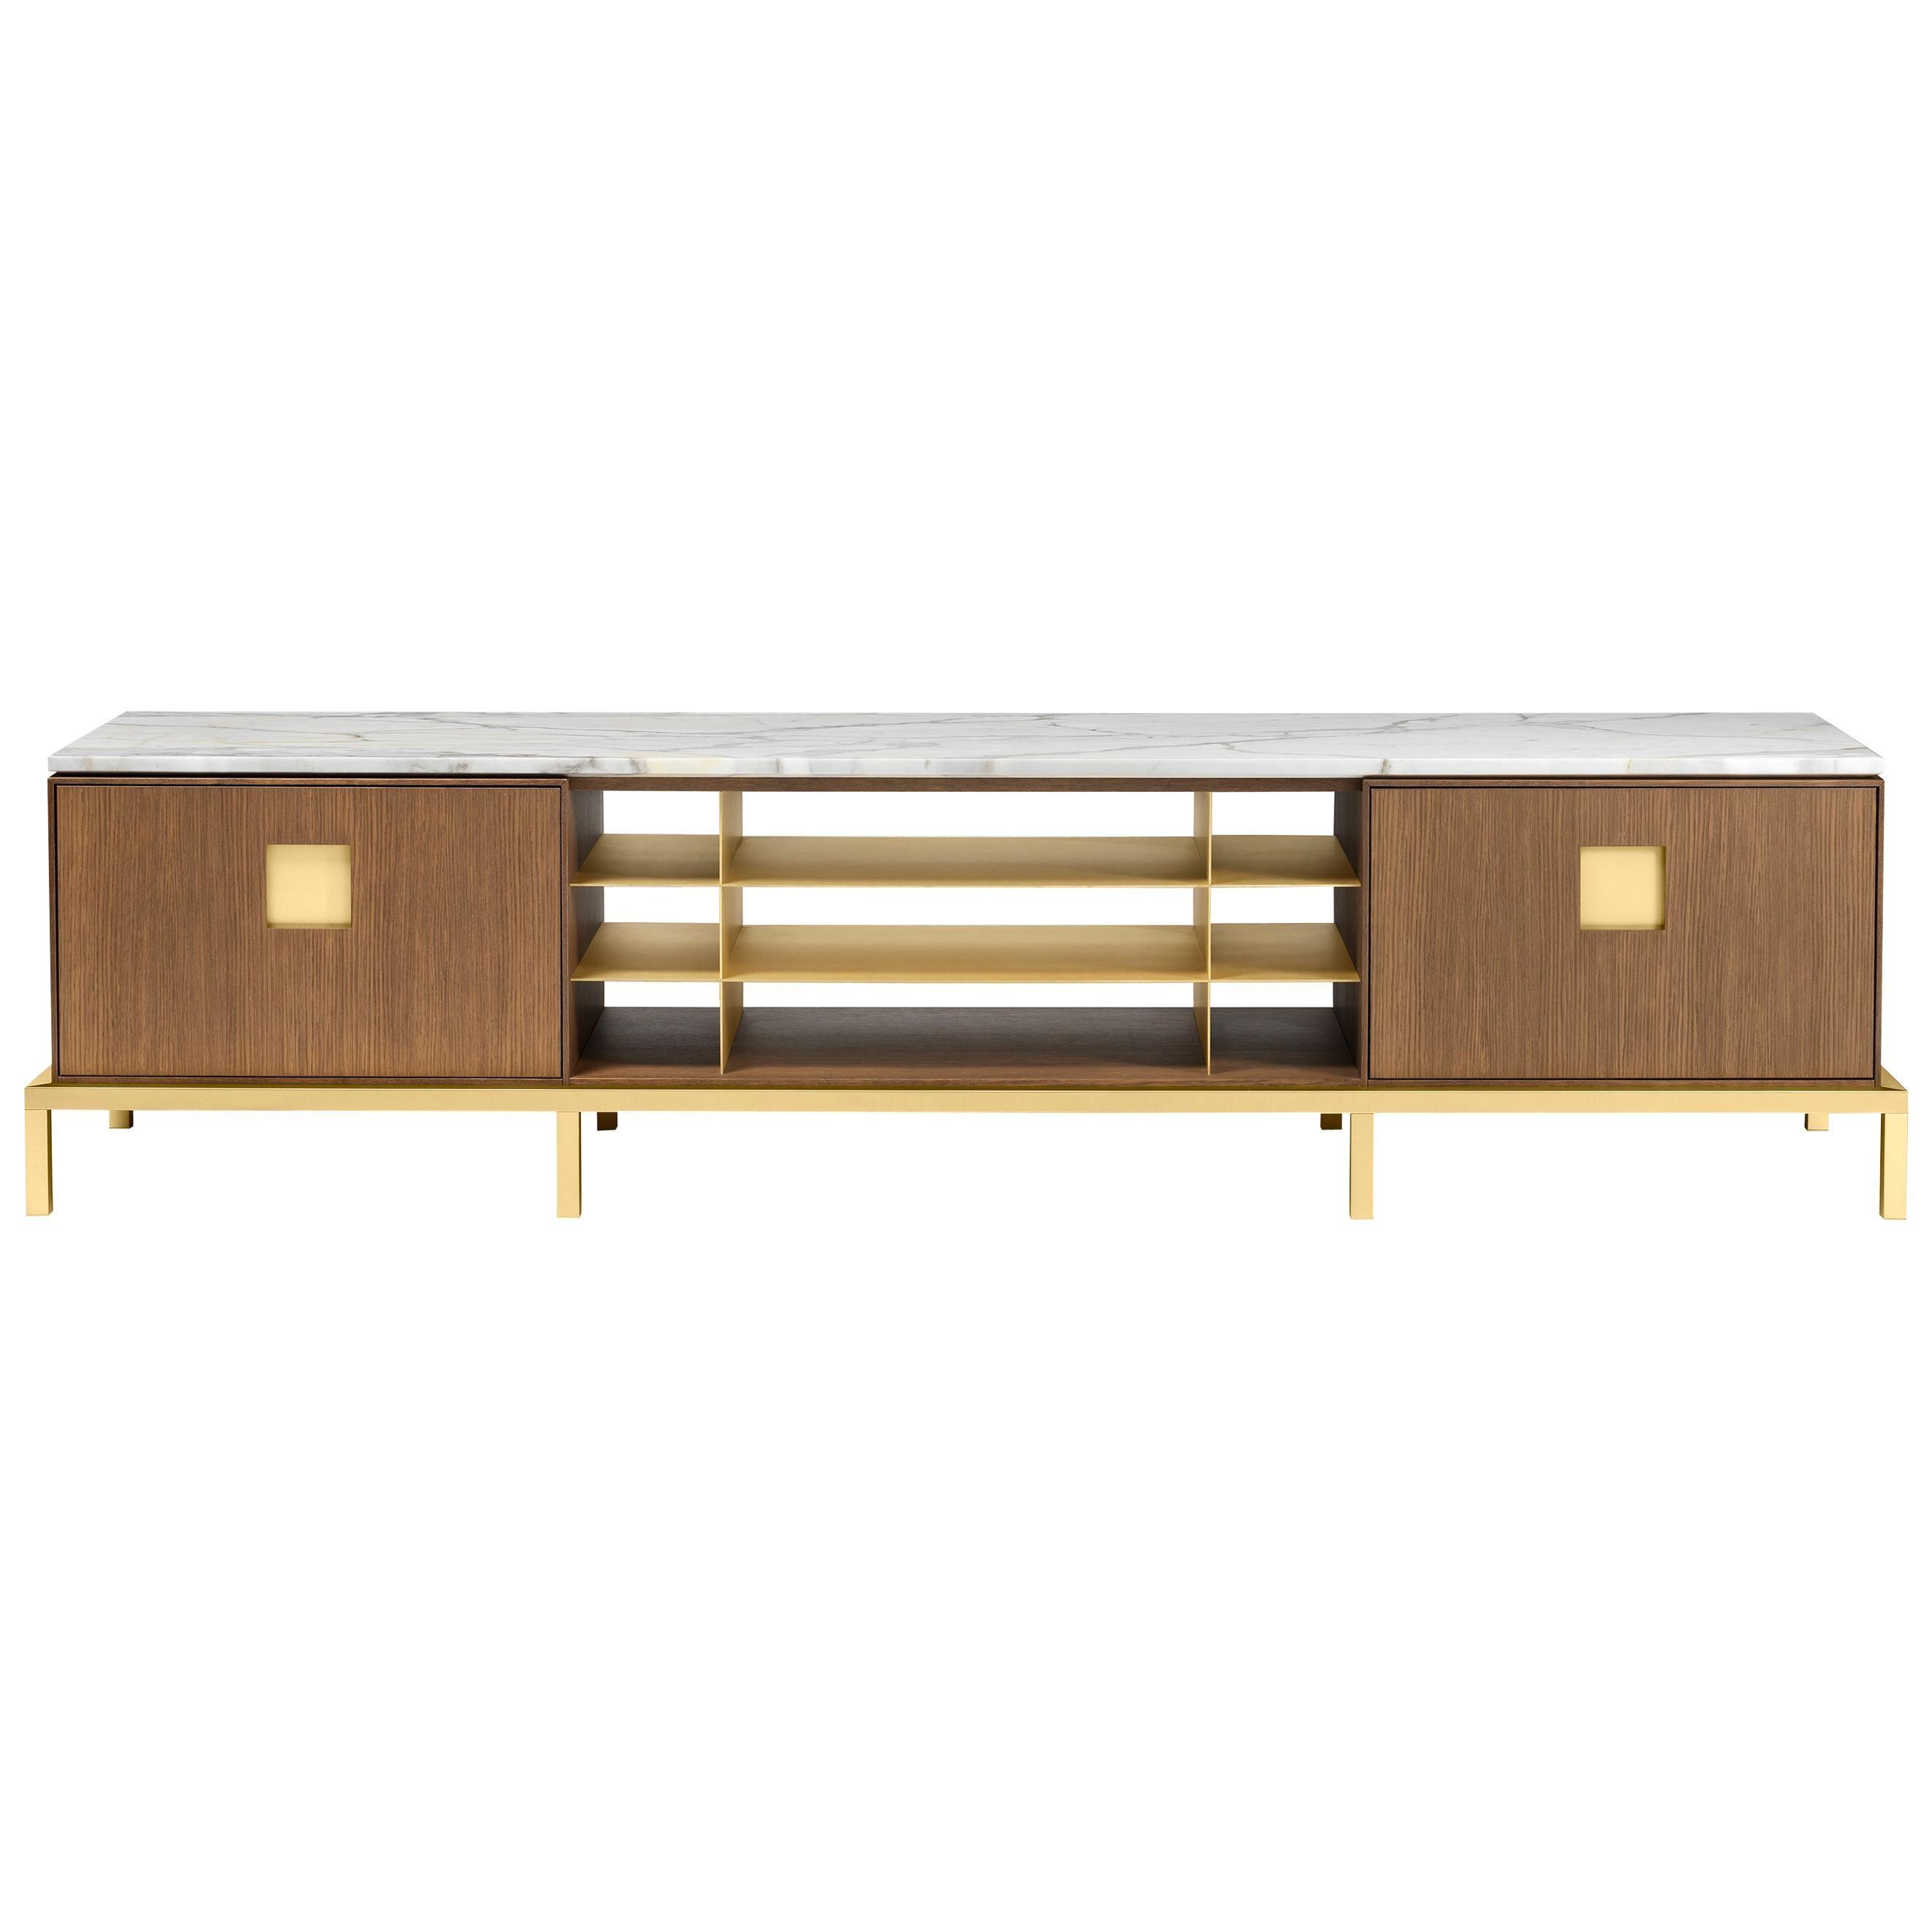 Ghidini 1961 Zuan Living Cabinet in Oak and Calacatta Marble by P.Rizzatto